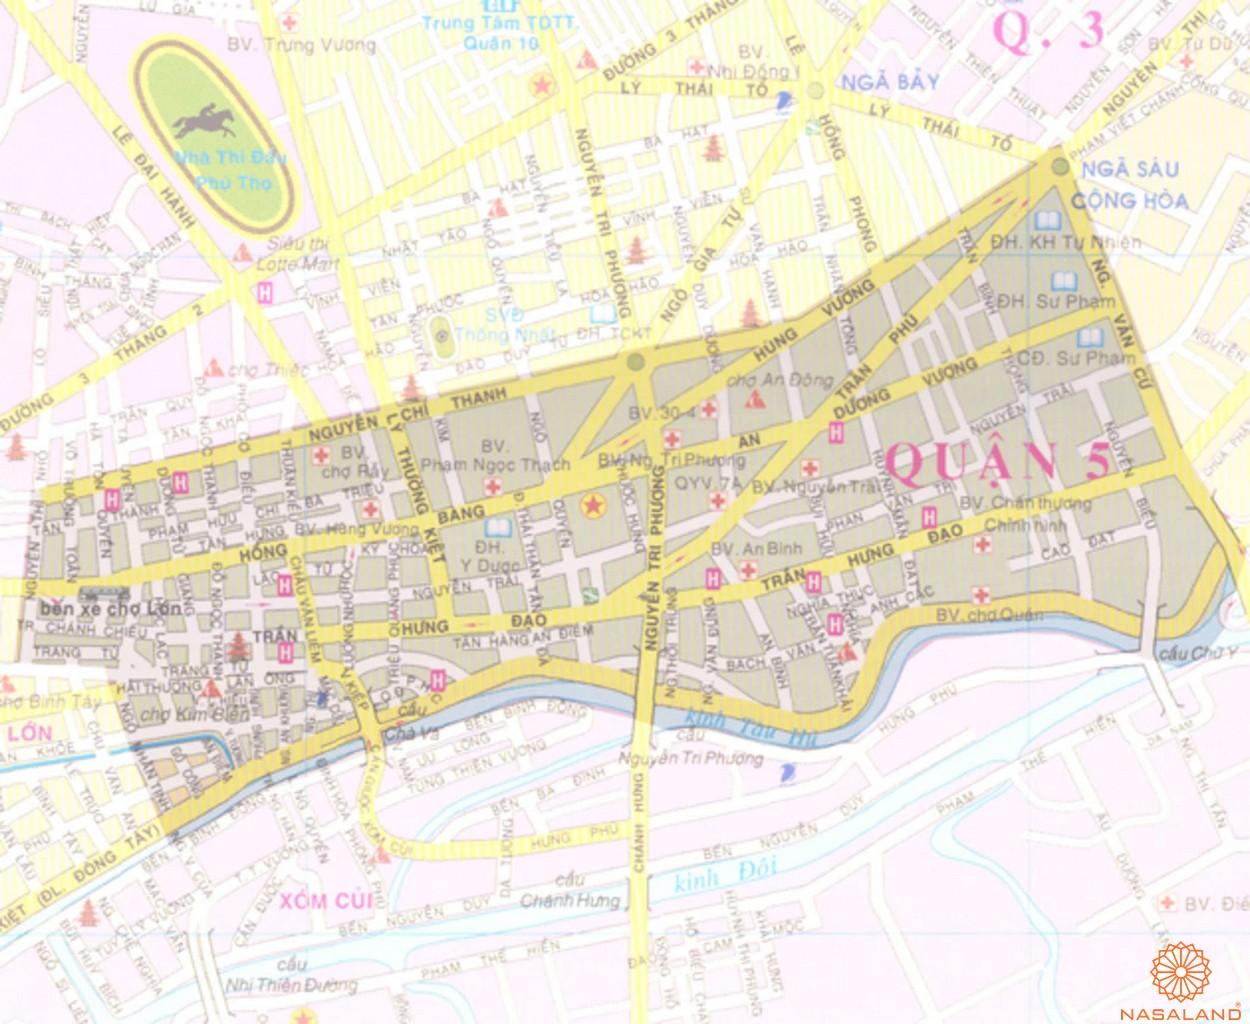 Căn hộ quận 5 - khai phá hệ thống tiện ích hiện hữu bậc nhất - vị trí